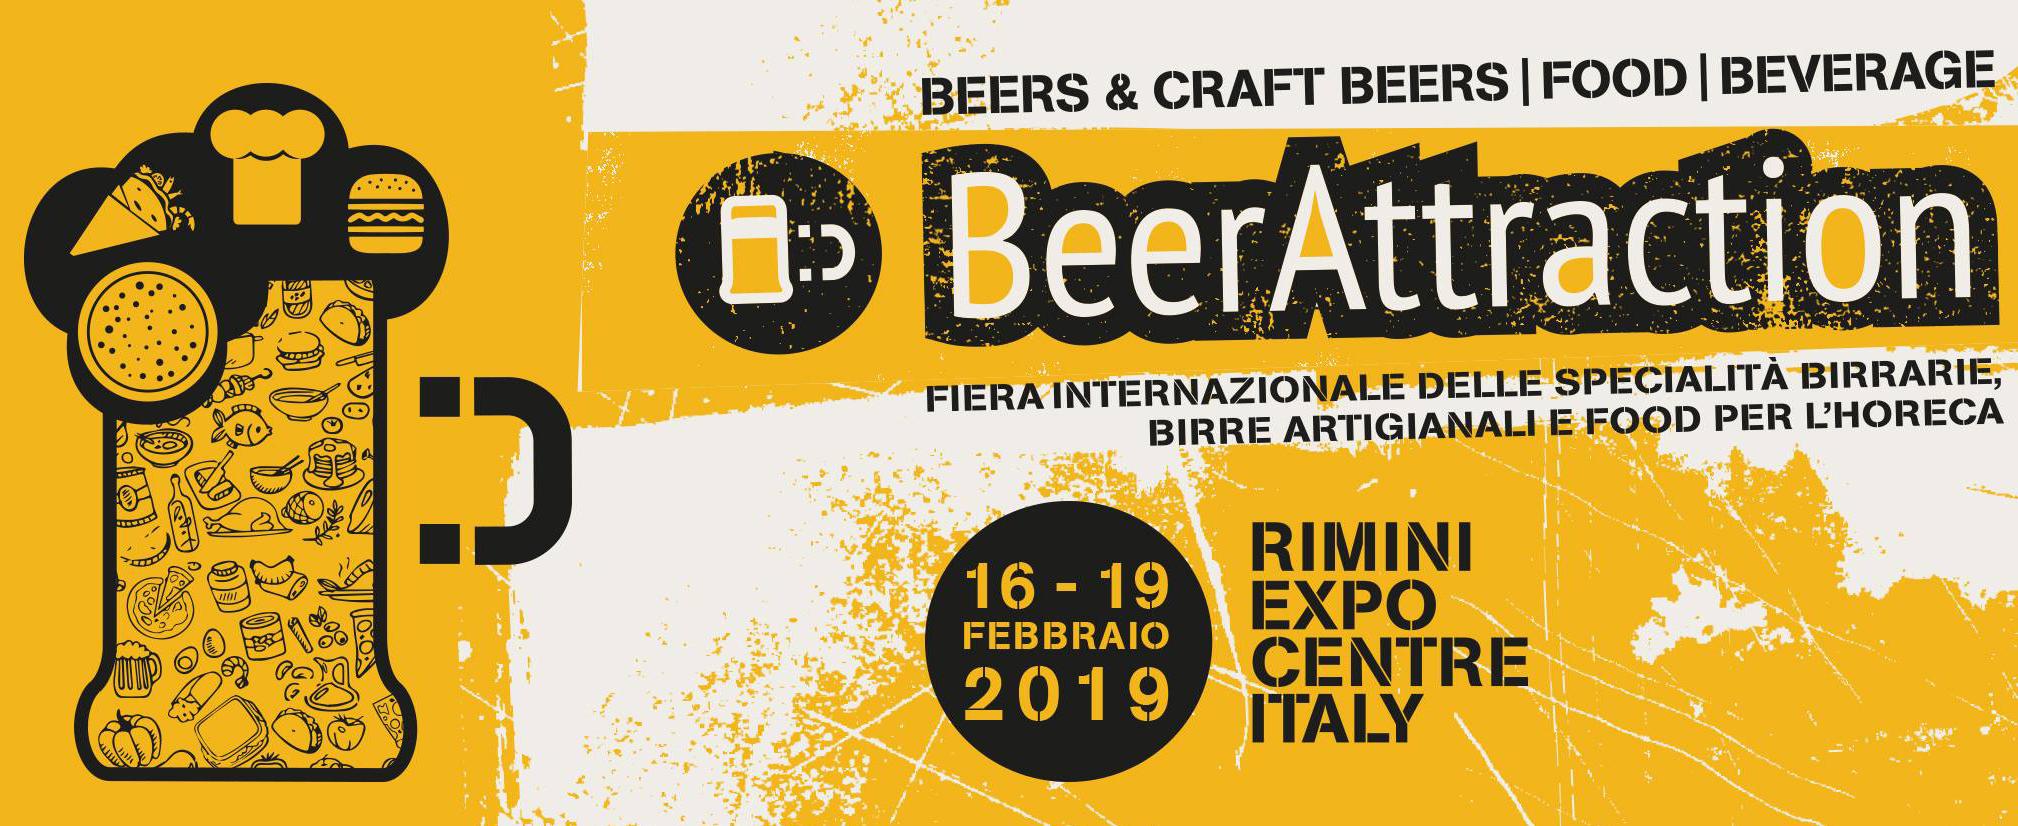 Beer Attraction 2019 Rimini Birrerie Milano 16 19 Febbraio